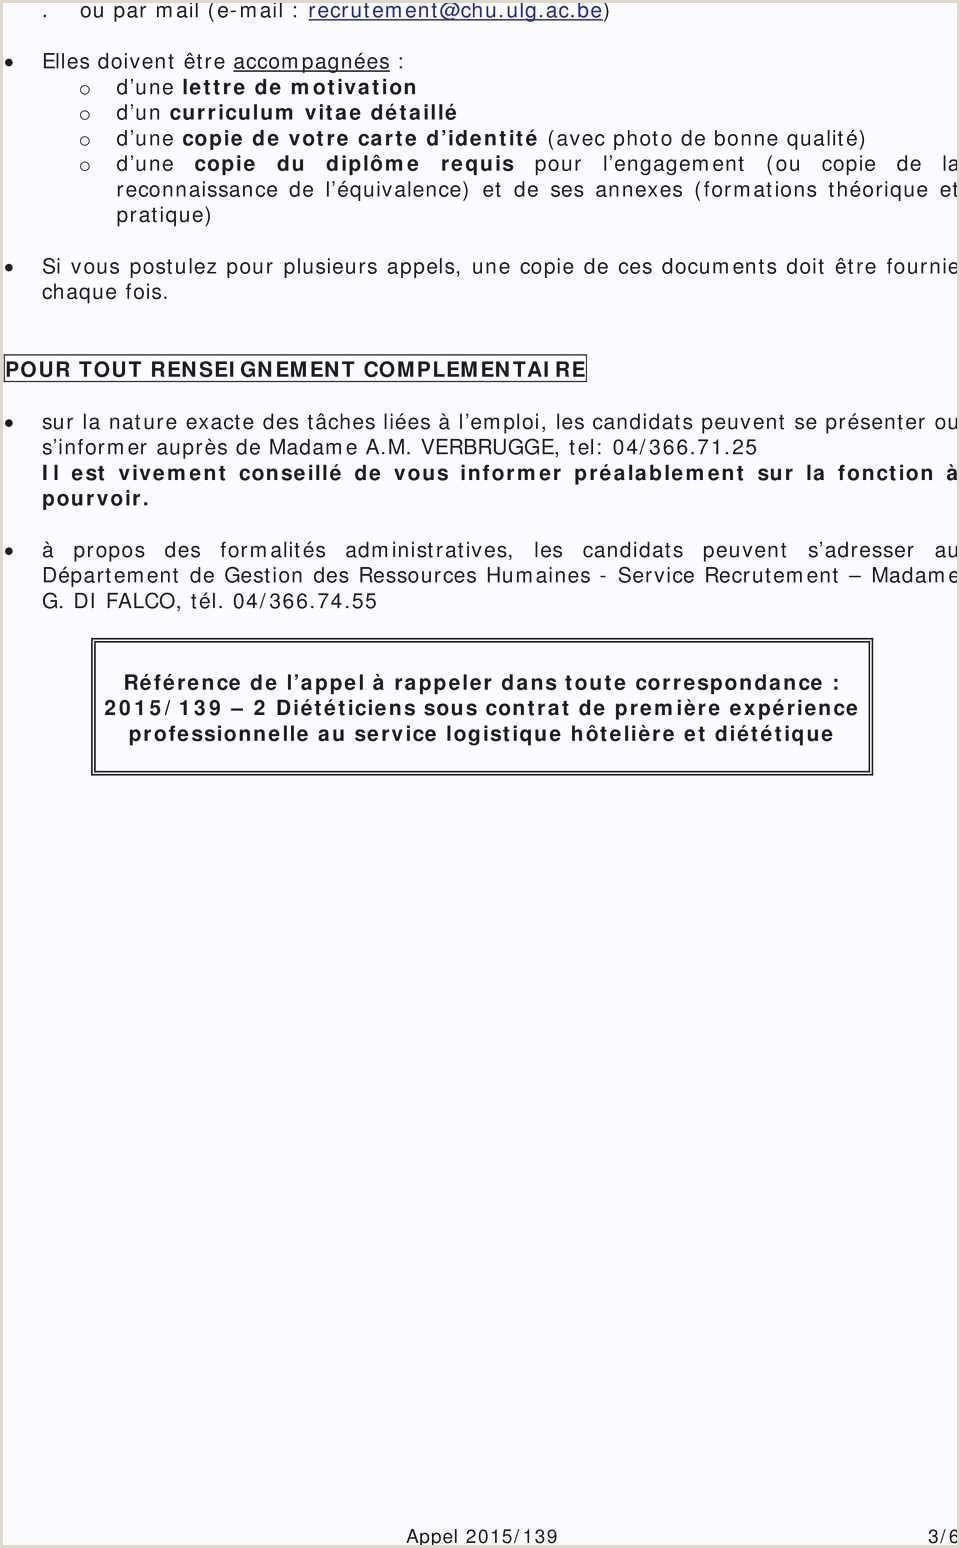 Exemple De Cv Europass Modele Lettre Ficielle 11 Cvdele Cv Lettre